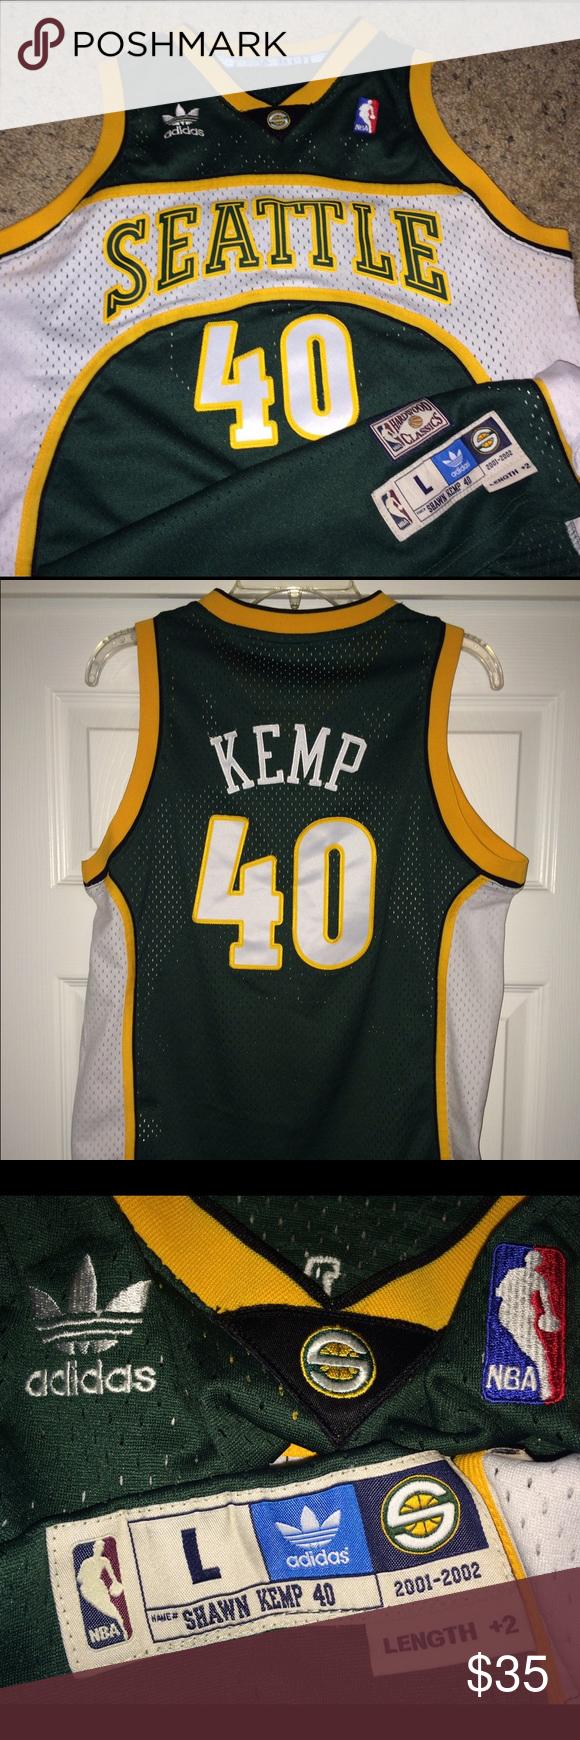 45958e89e567 Shawn Kemp Nba jersey Seattle SuperSonic shirt Vintage Adidas Seattle  Supersonic jersey..Shawn Kemp